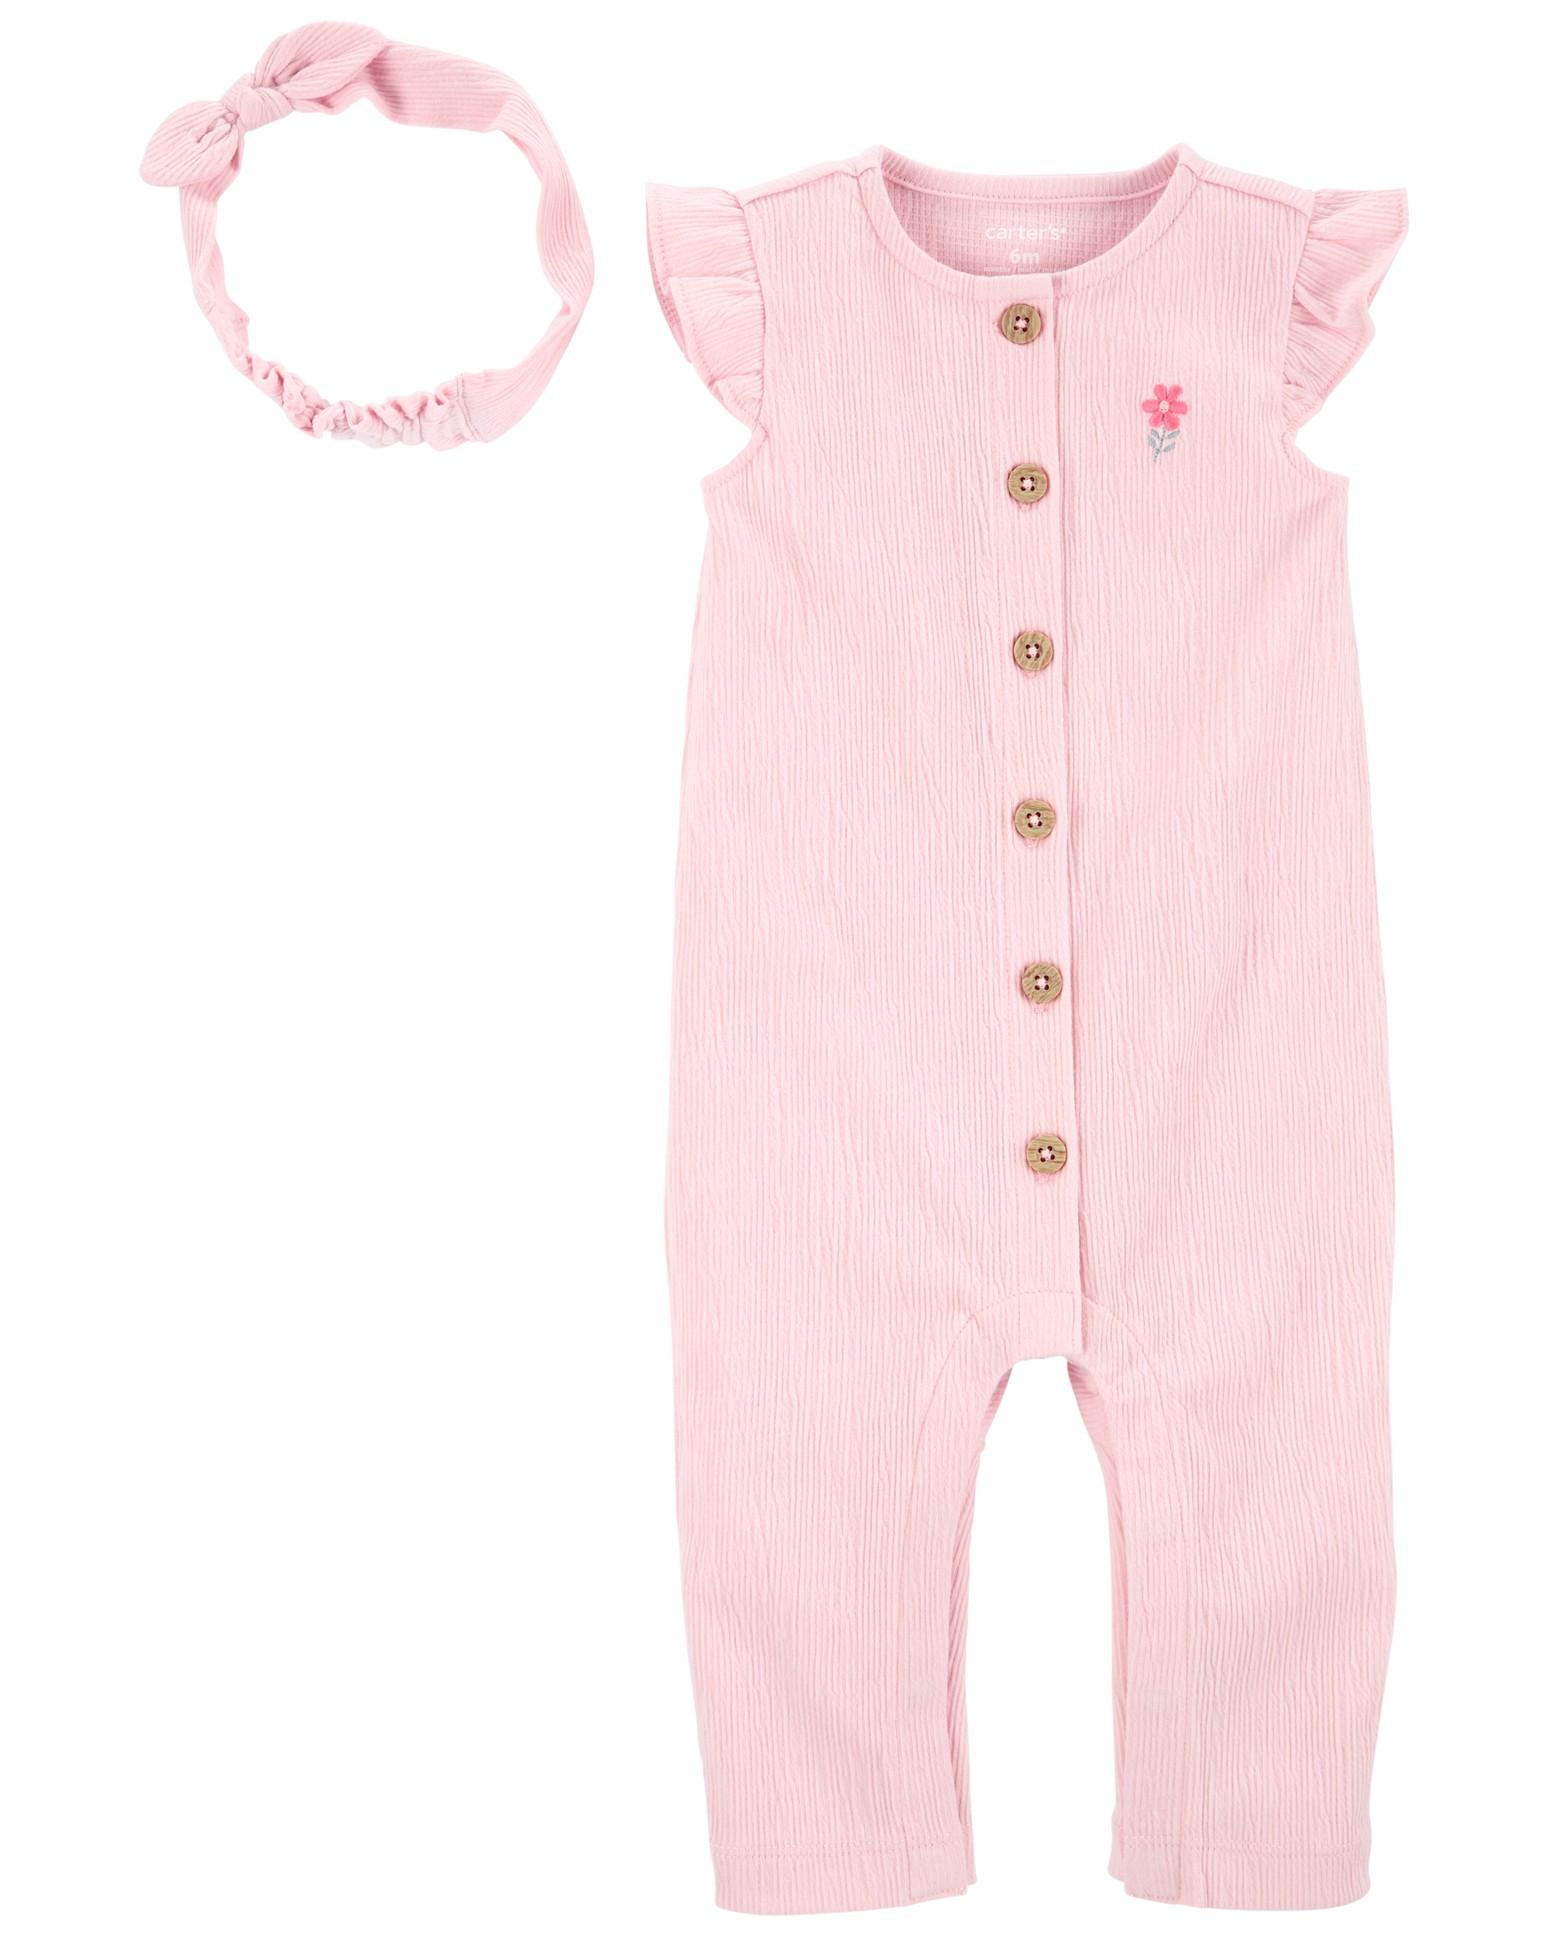 CARTER'S Set 2dielny overal na zips bez rukávov, čelenka Pink dievča LBB 9m, veľ. 74